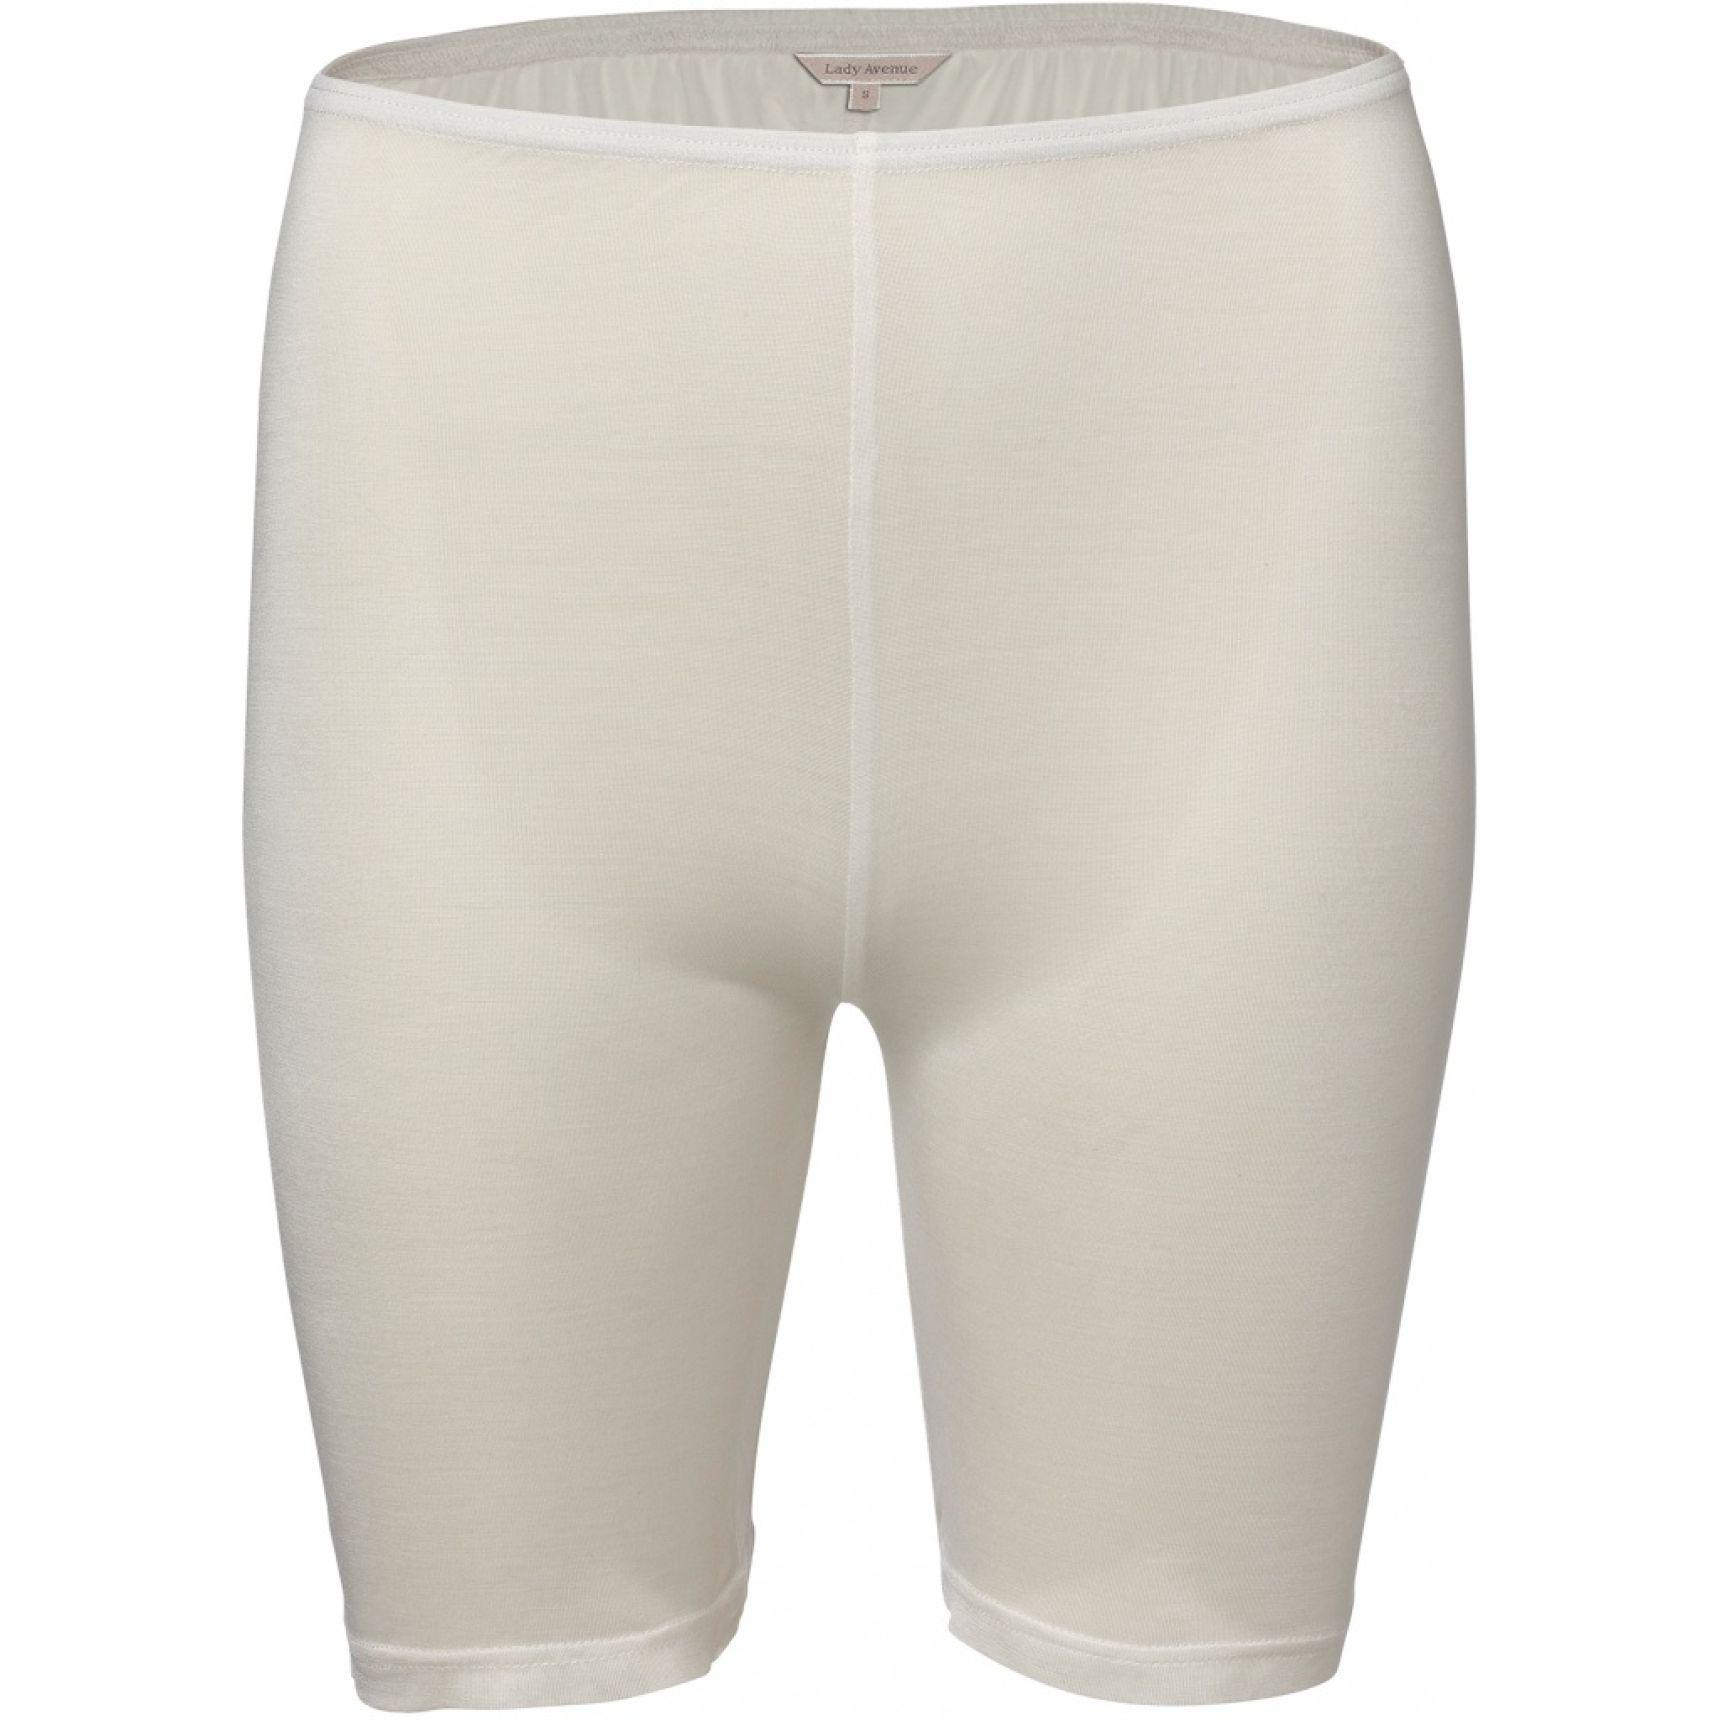 Pure Silk lyhytlahkeinen housu Luonnonvalkoinen